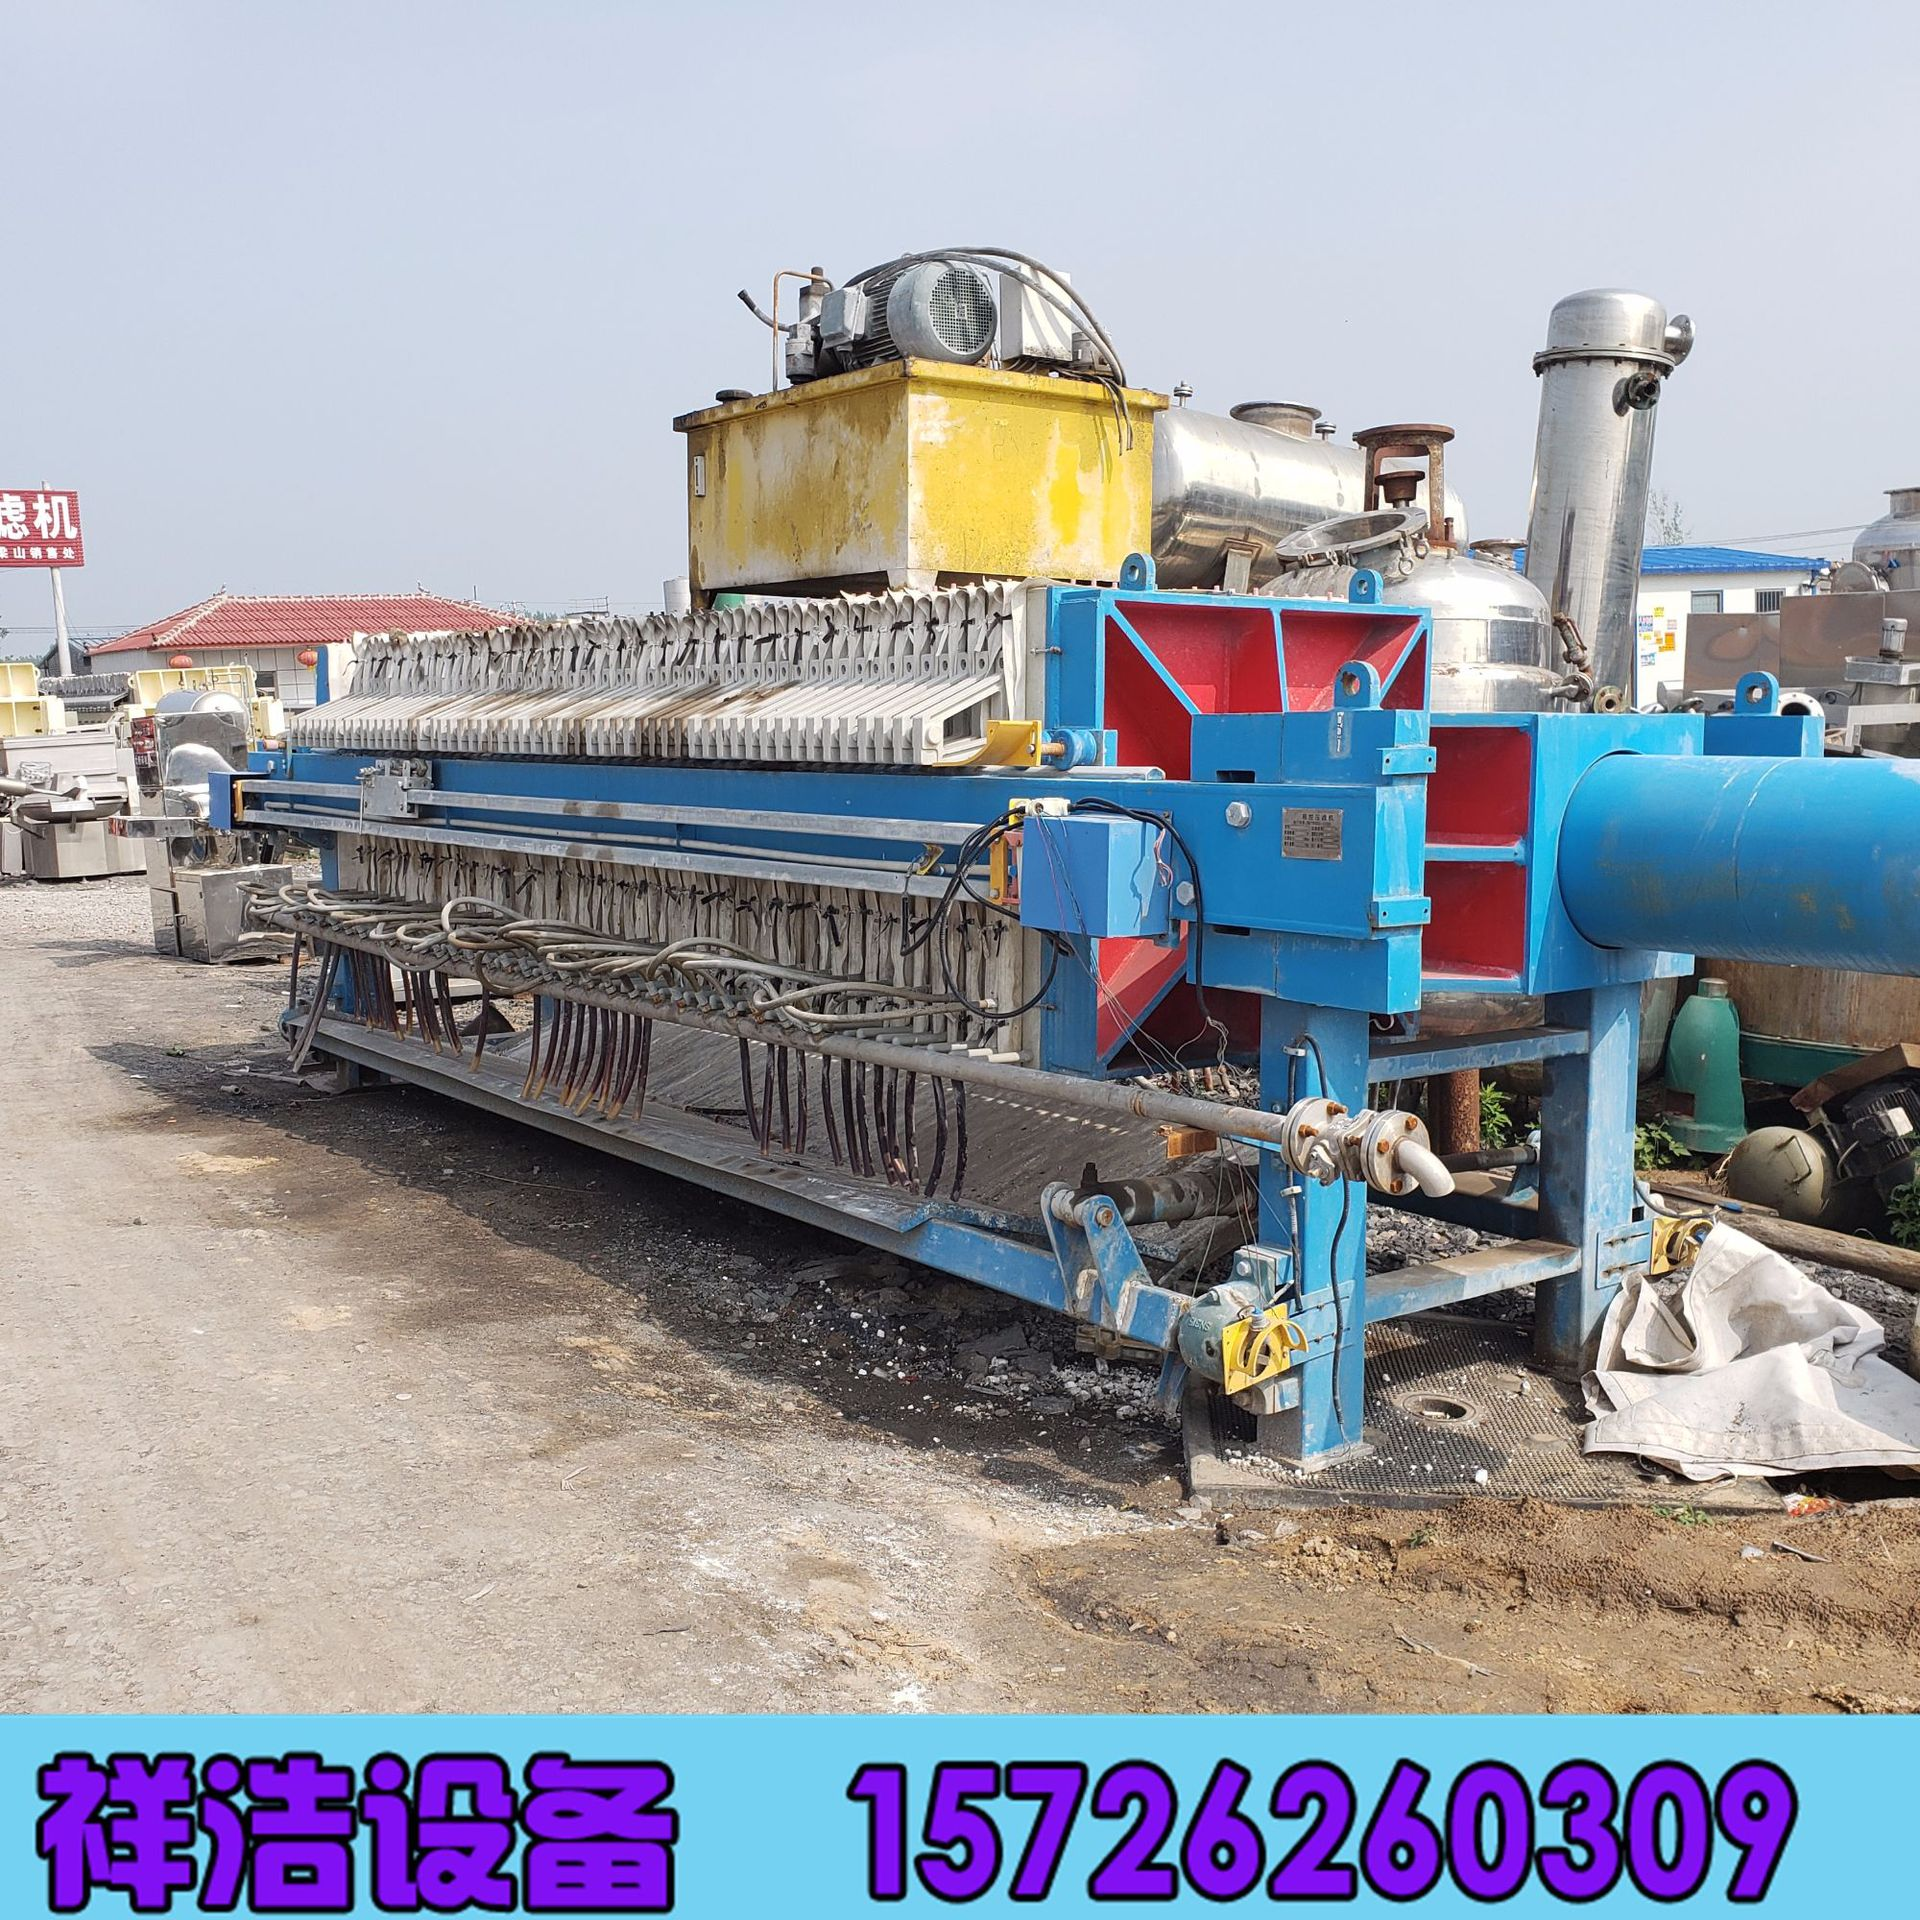 廠家直銷壓濾機 200平方廂式壓濾機 程控隔膜壓濾機 污泥脫水設備示例圖5